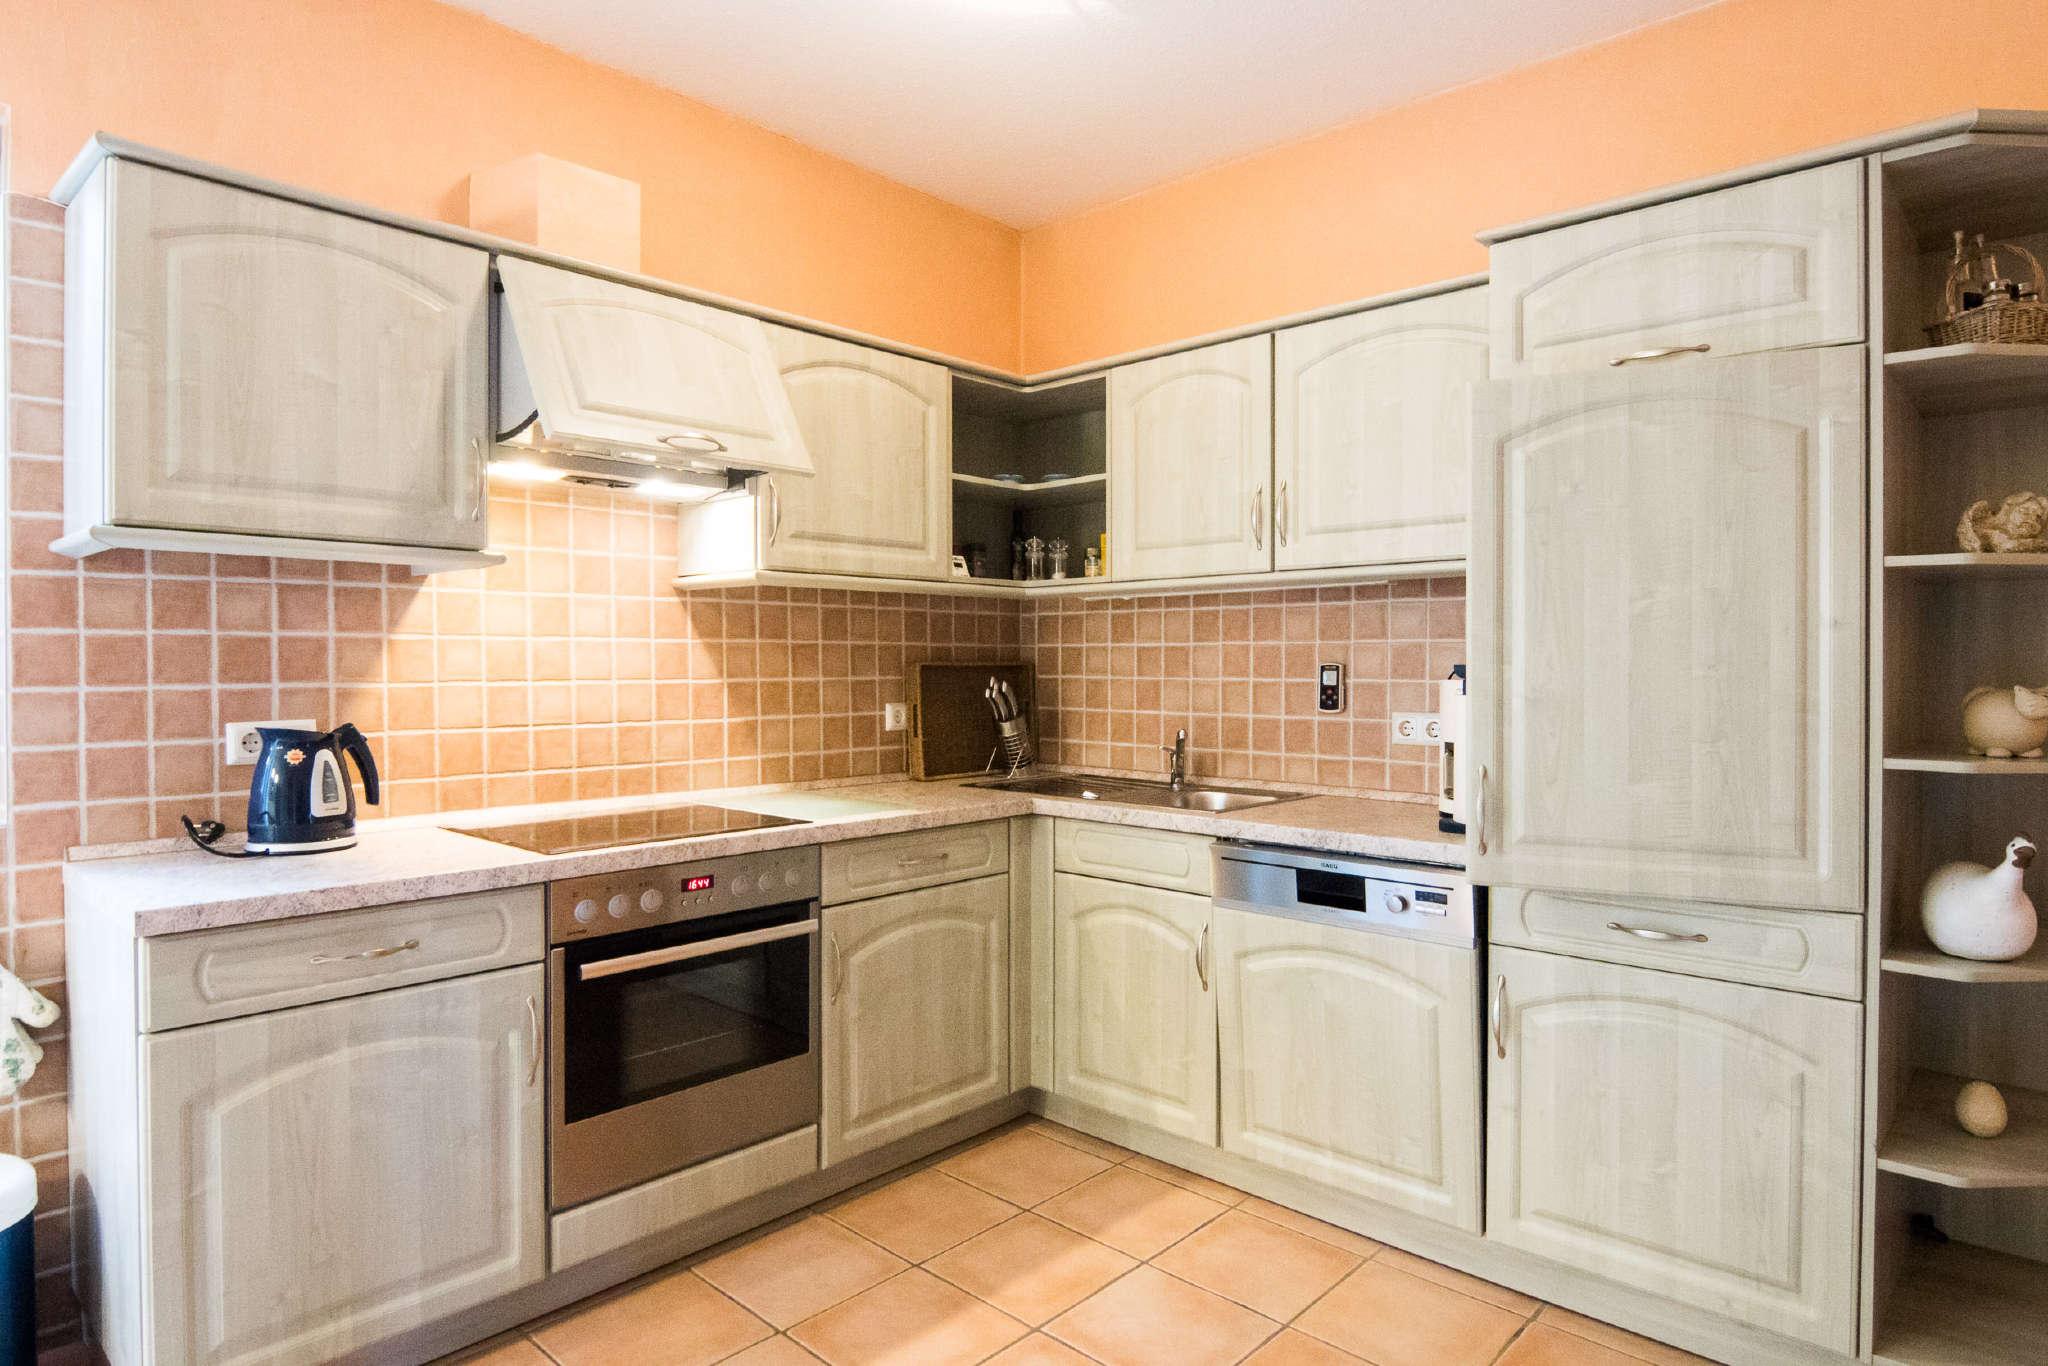 Moderne Einbauküche - voll ausgestattet!